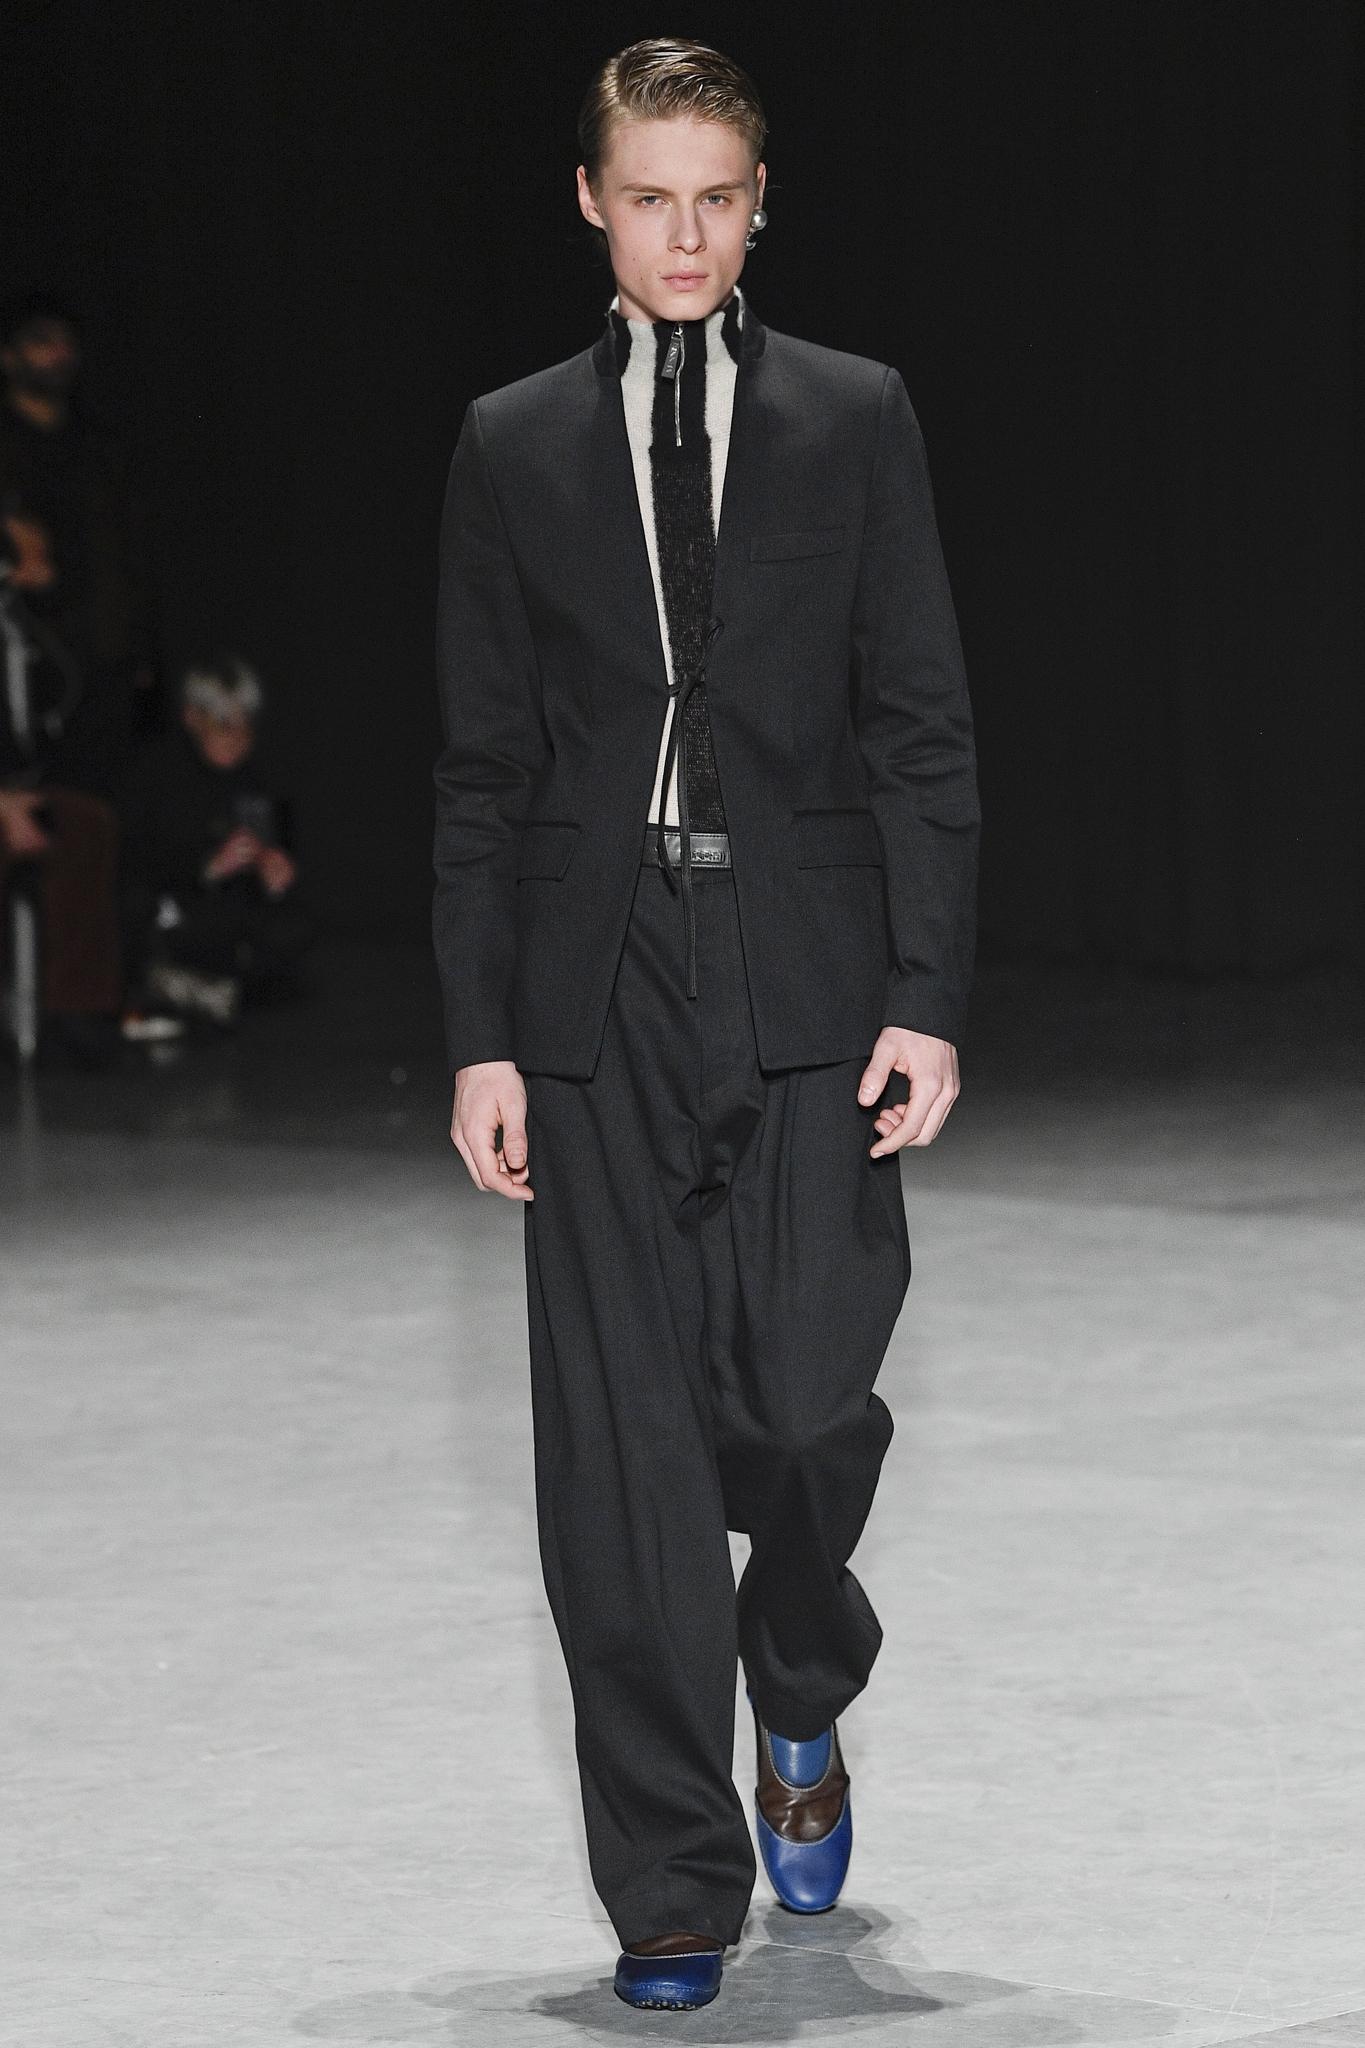 Sunnei Men's Fall 2020